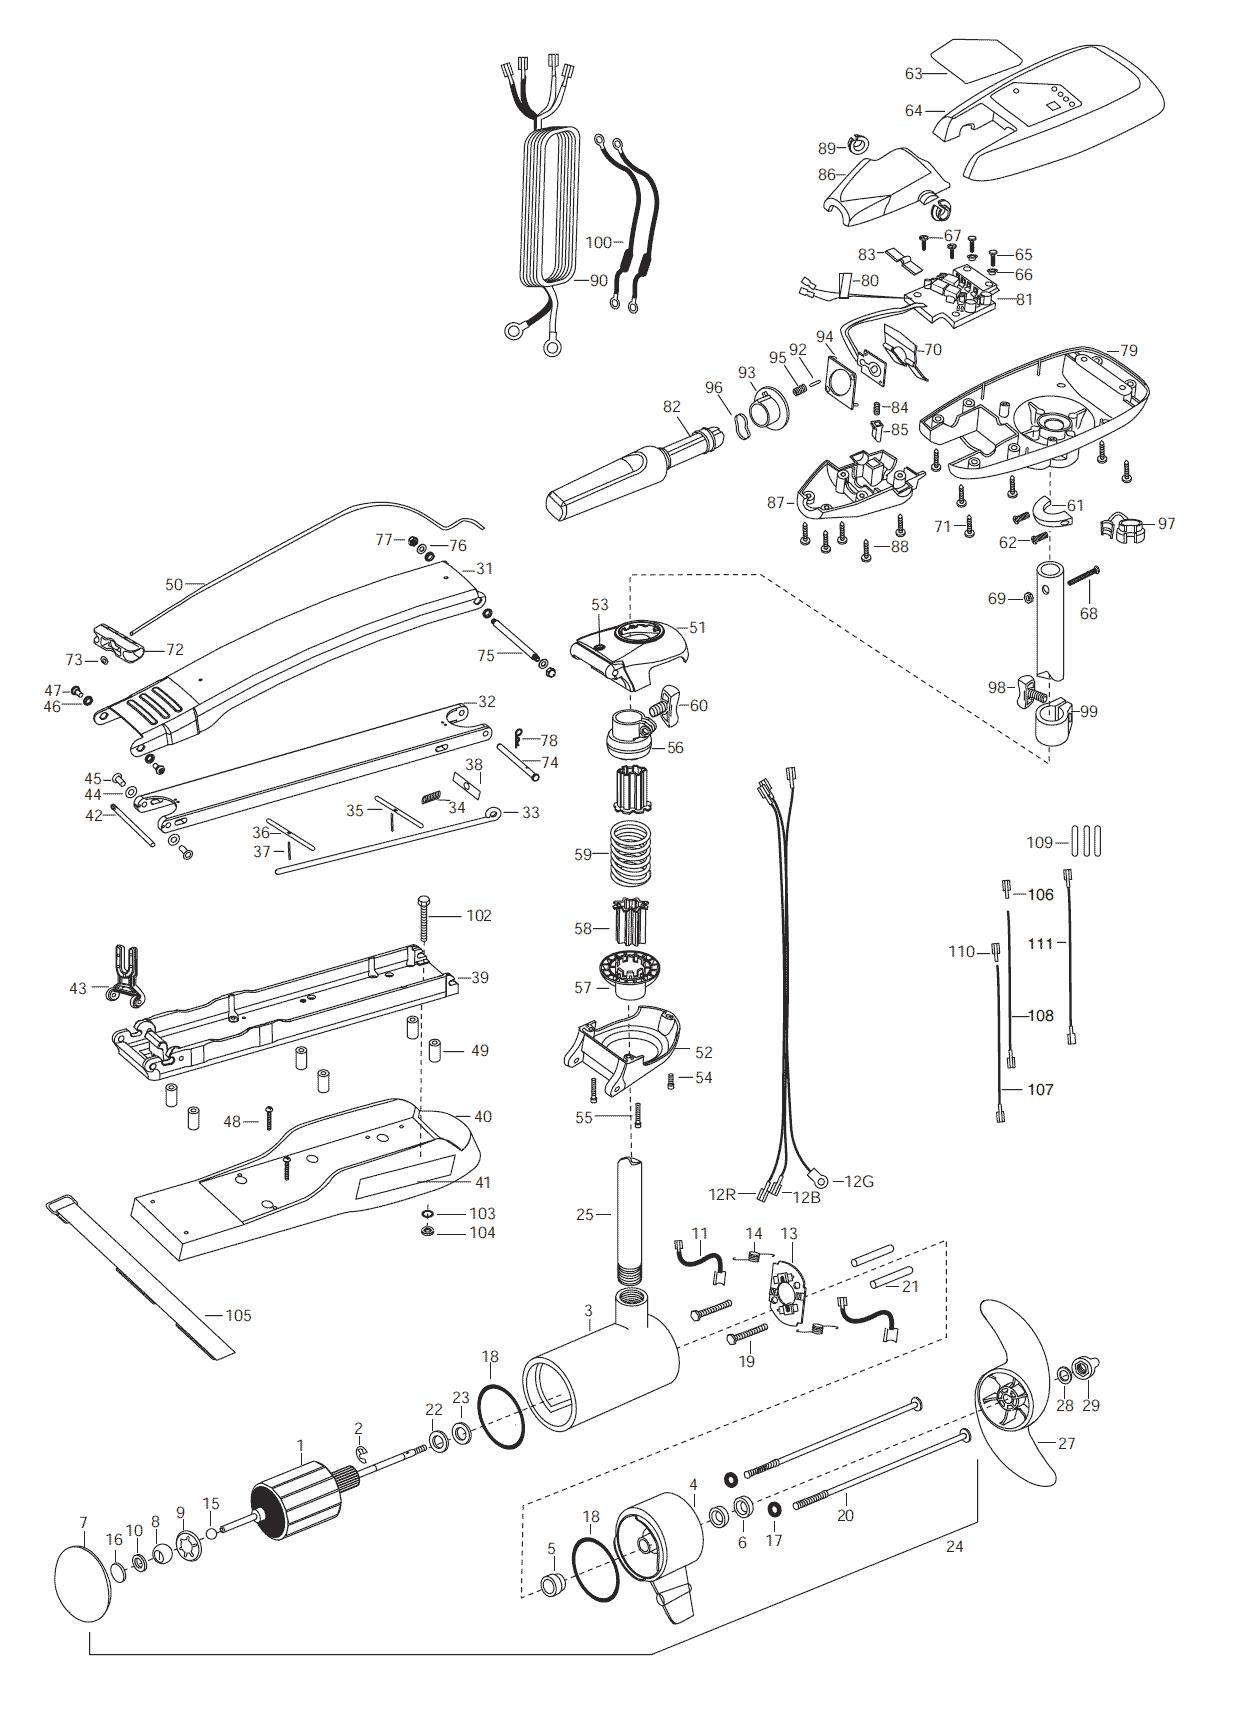 Minn Kota Riptide 101 52 Inch Parts